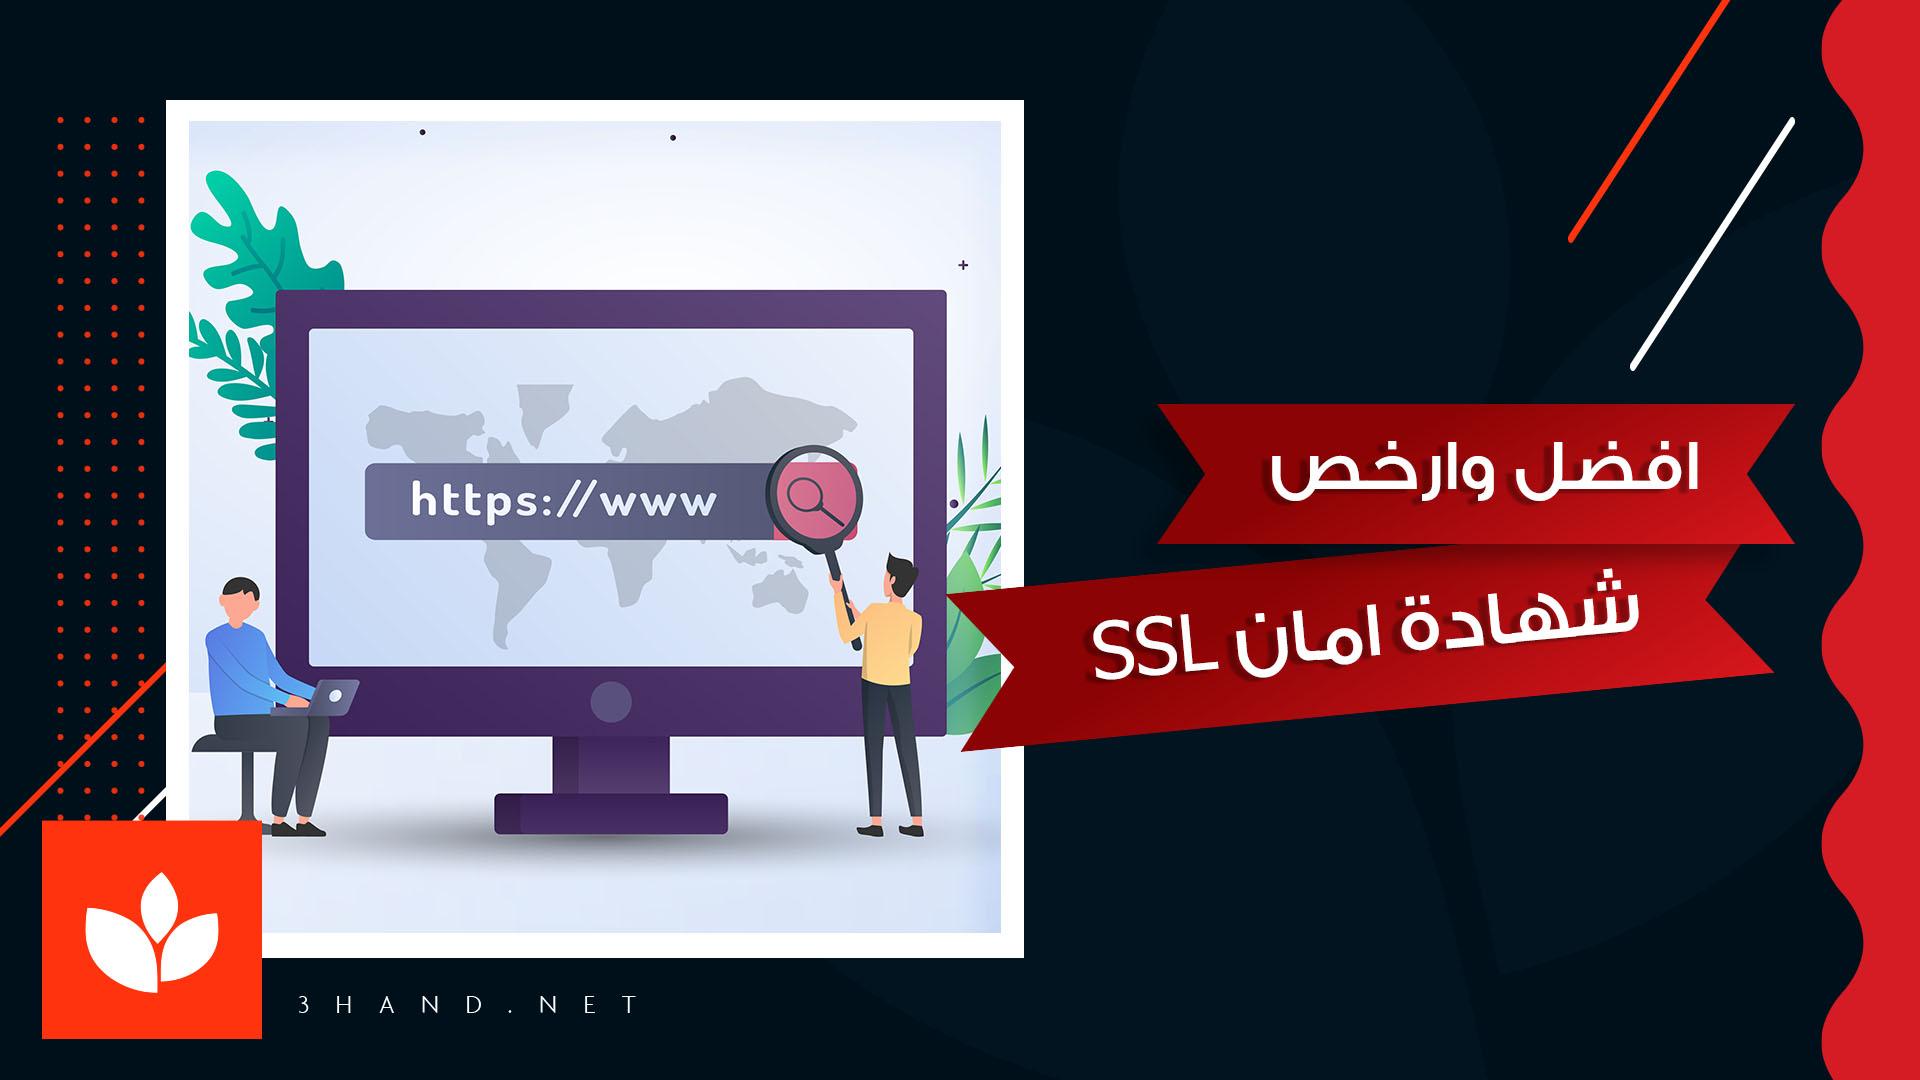 افضل وارخص شهادة امان ssl